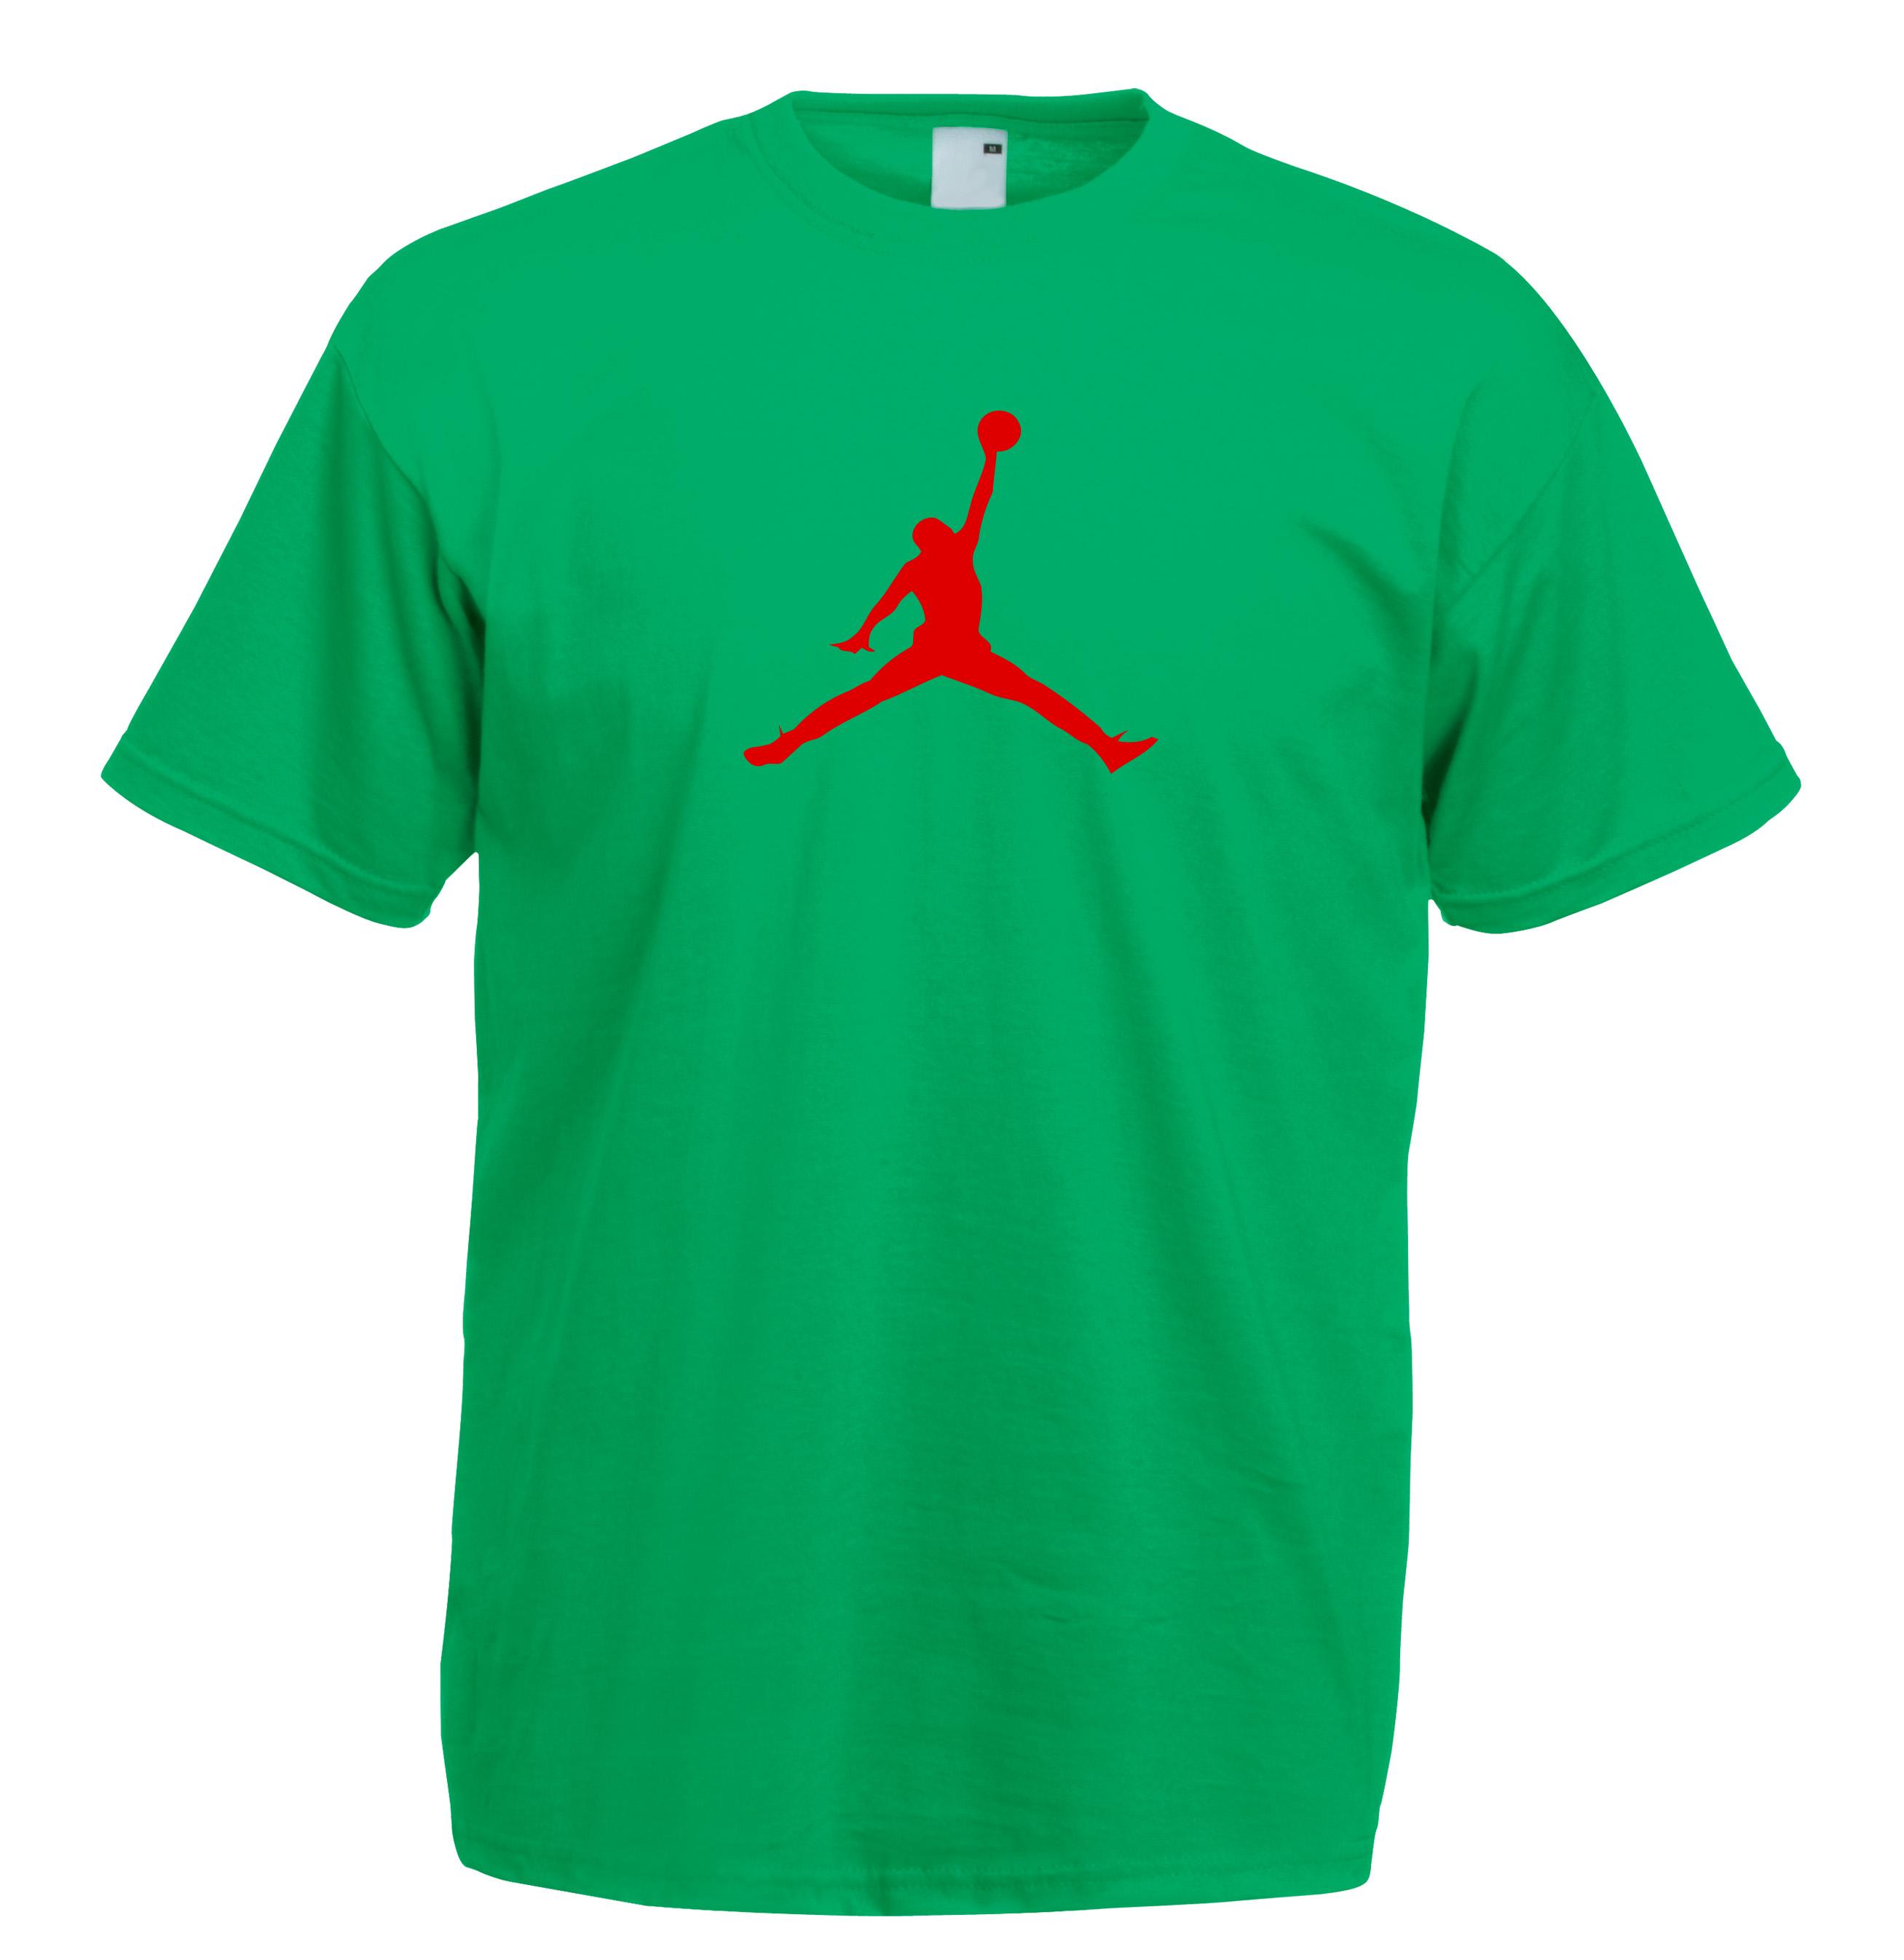 0d1157ebd9f9e0 Juko Jordan T Shirt Basketball Michael Bulls air nba unisex. ebay custom  template. ebay custom template. ebay custom template. ebay custom template.  ebay ...